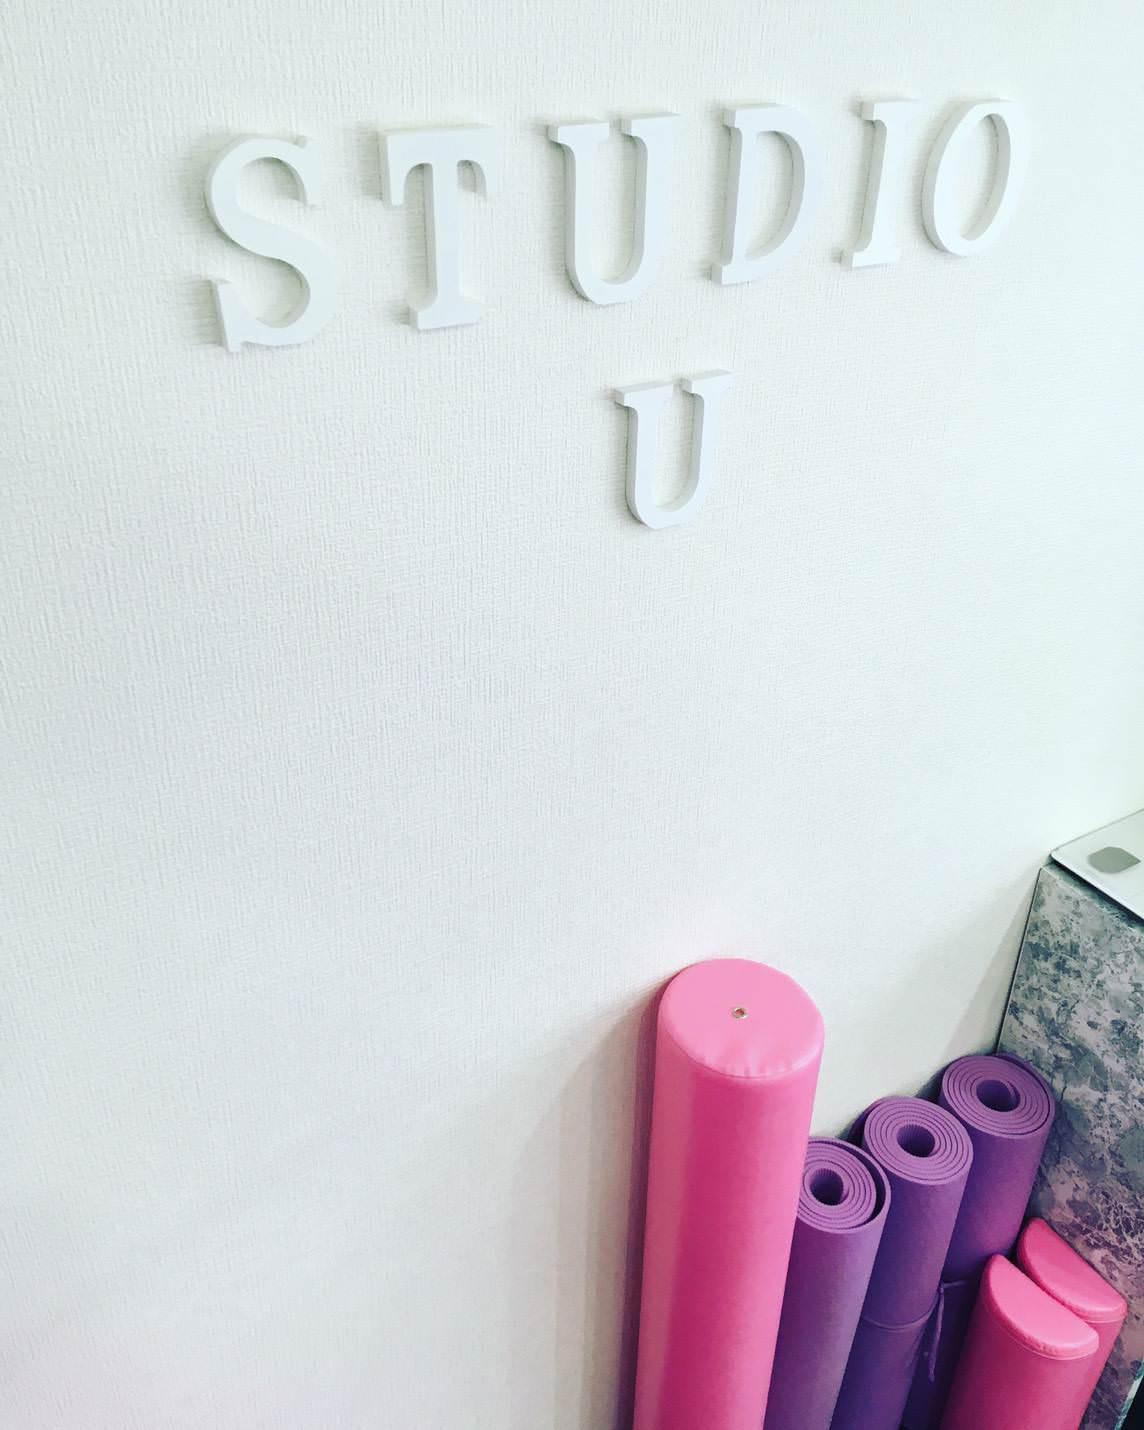 2019年1月、調布市布田にオープンした『パーソナルトレーニングスタジオ ユー』